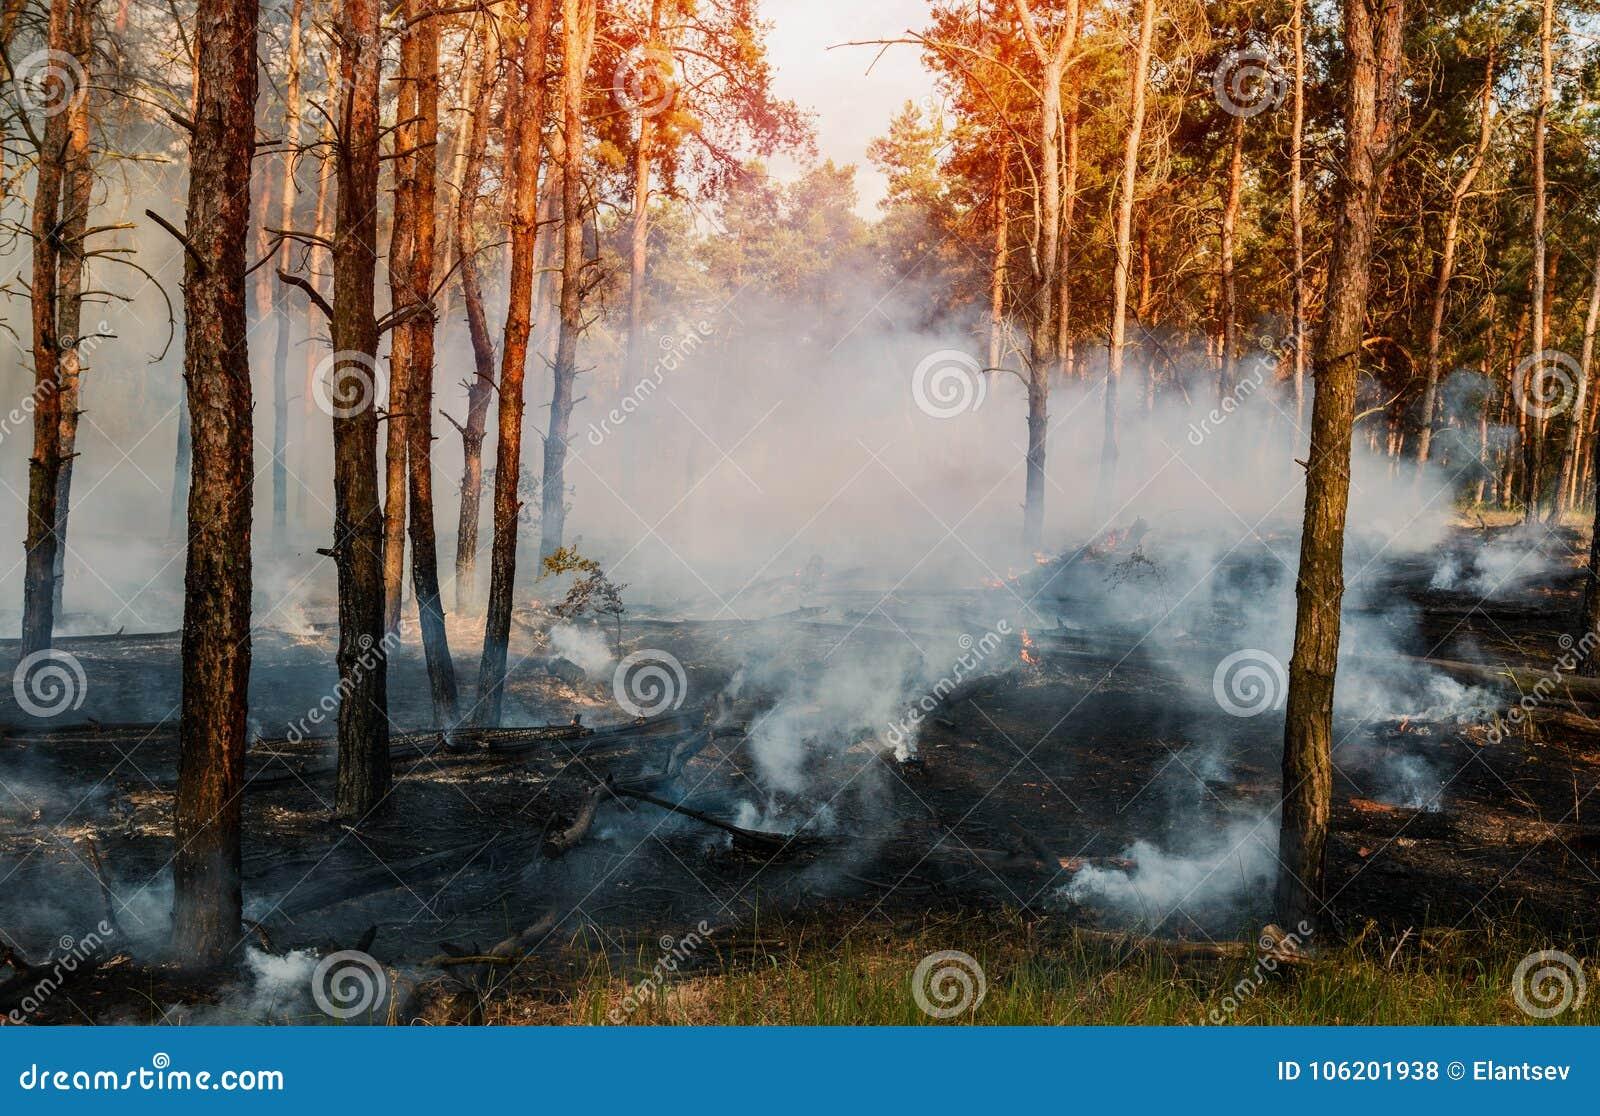 Pożar Lasu Palący drzewa po pożaru, zanieczyszczenia i mnóstwo dymu,